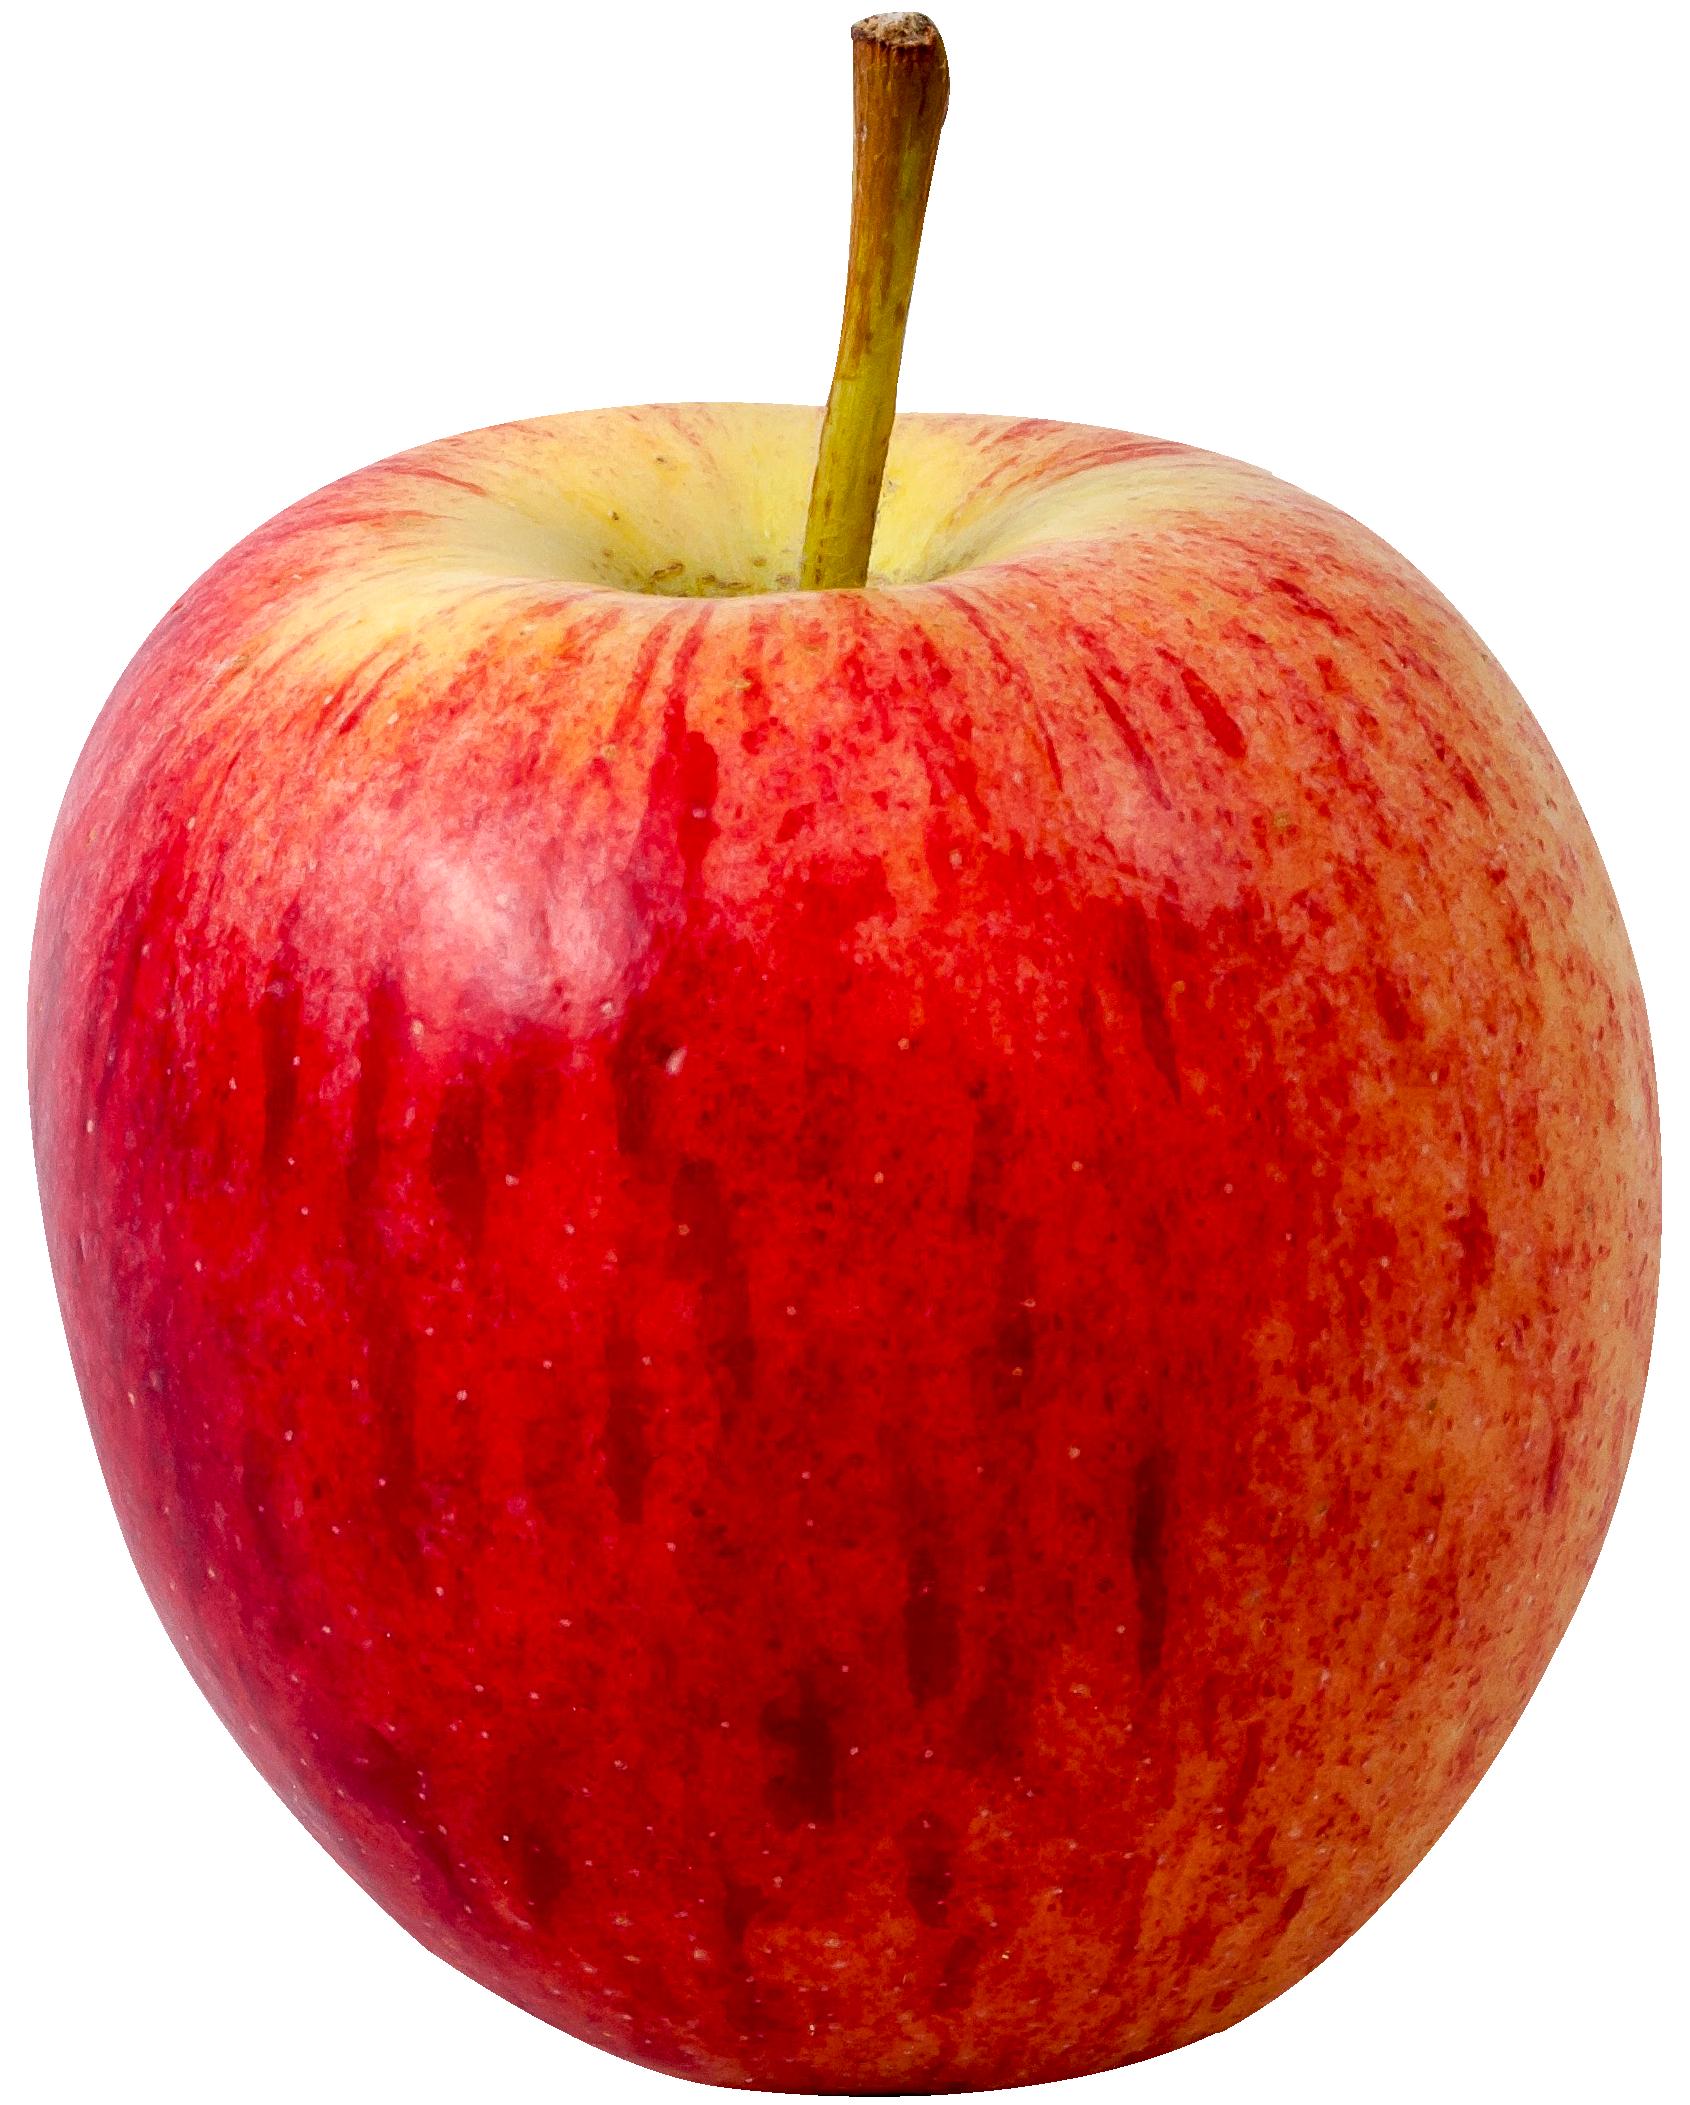 Apple Fruit PNG Transparent Image.